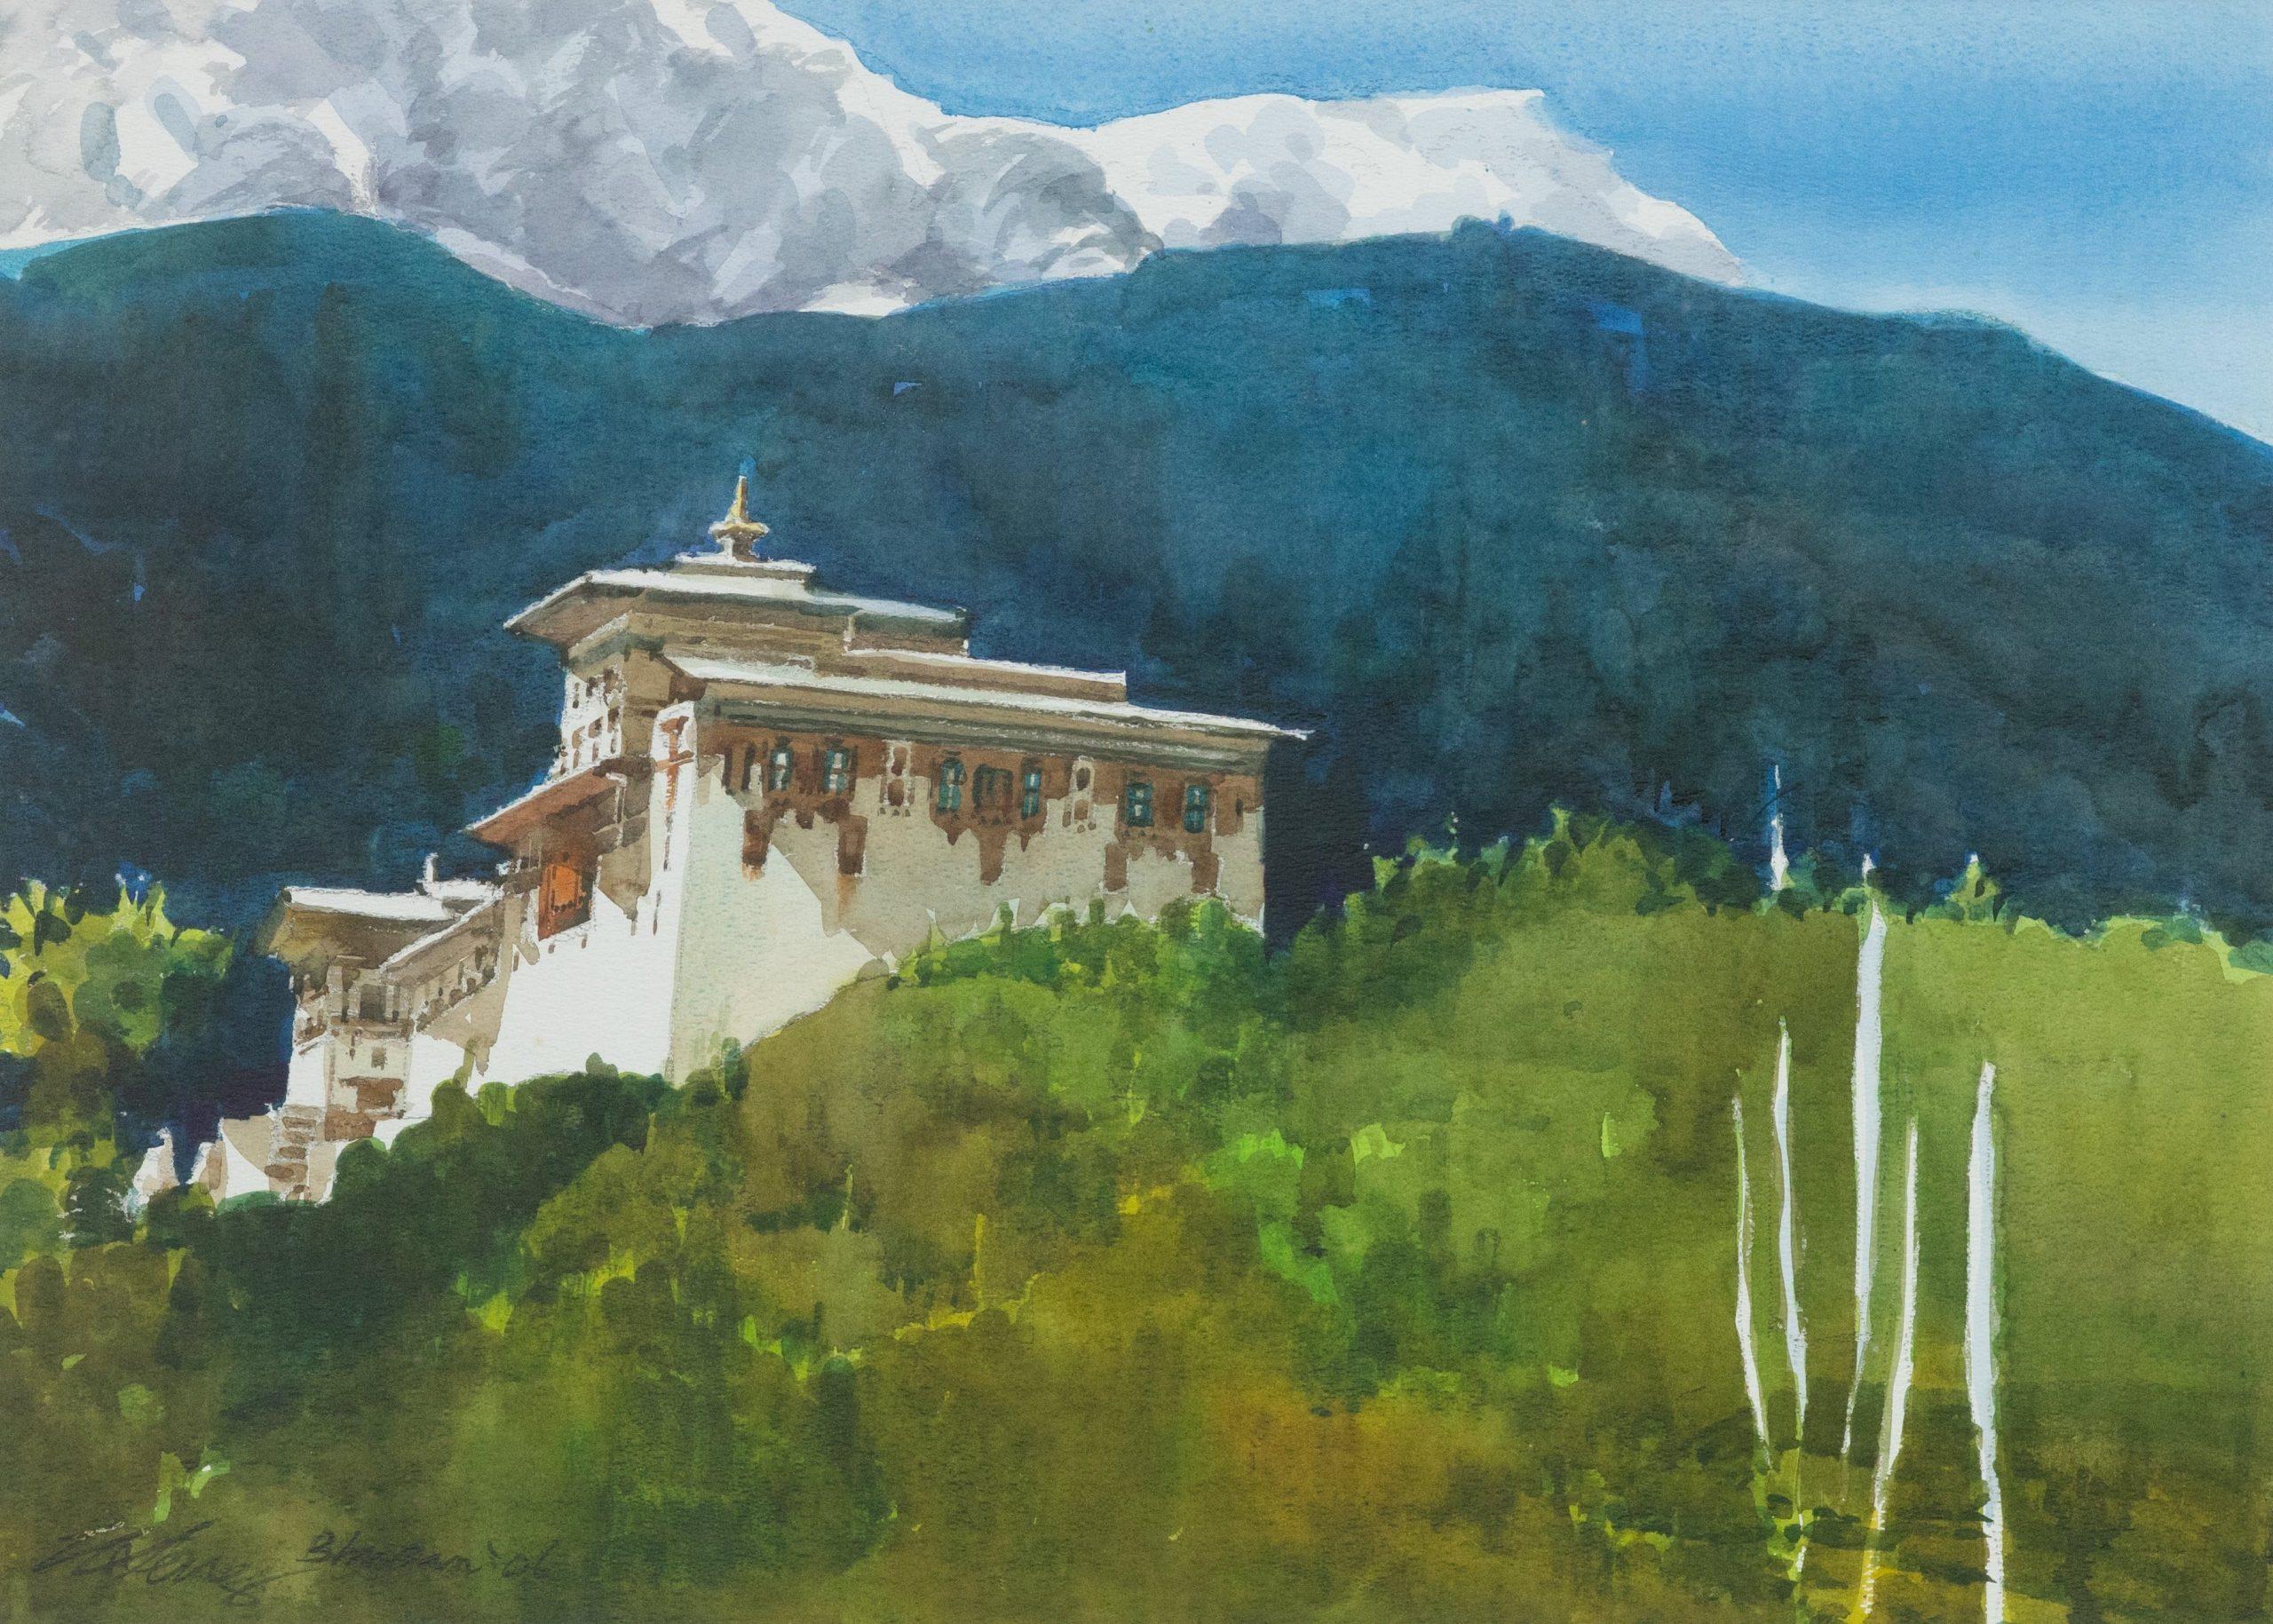 Asia Art Collective - Ong Kim Seng